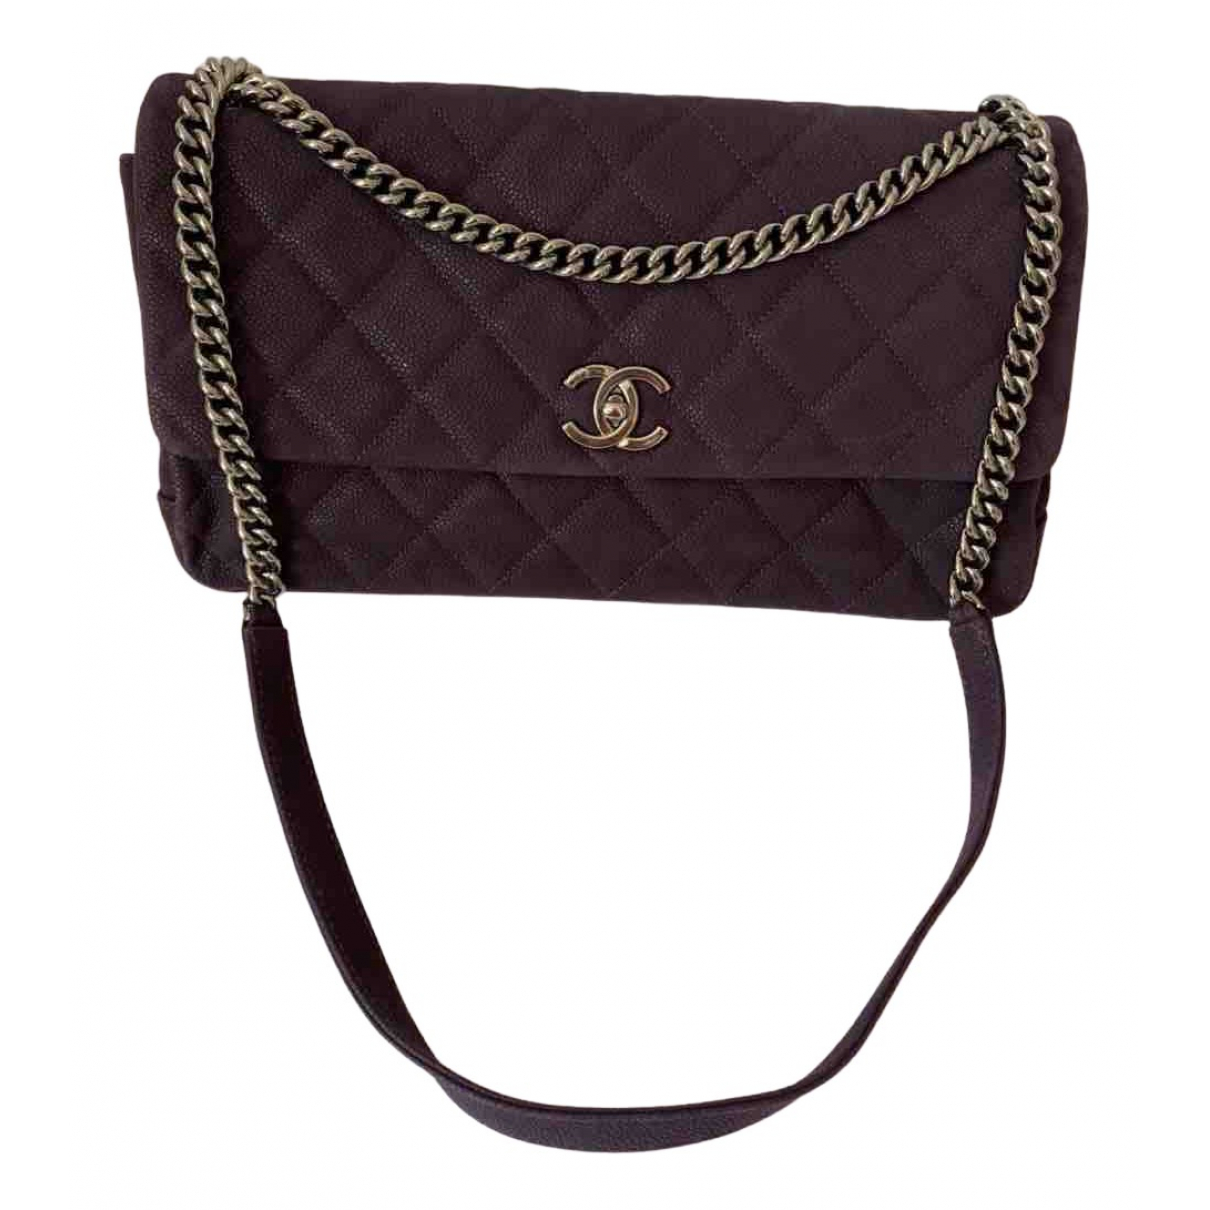 Bandolera Timeless/Classique de Cuero Chanel